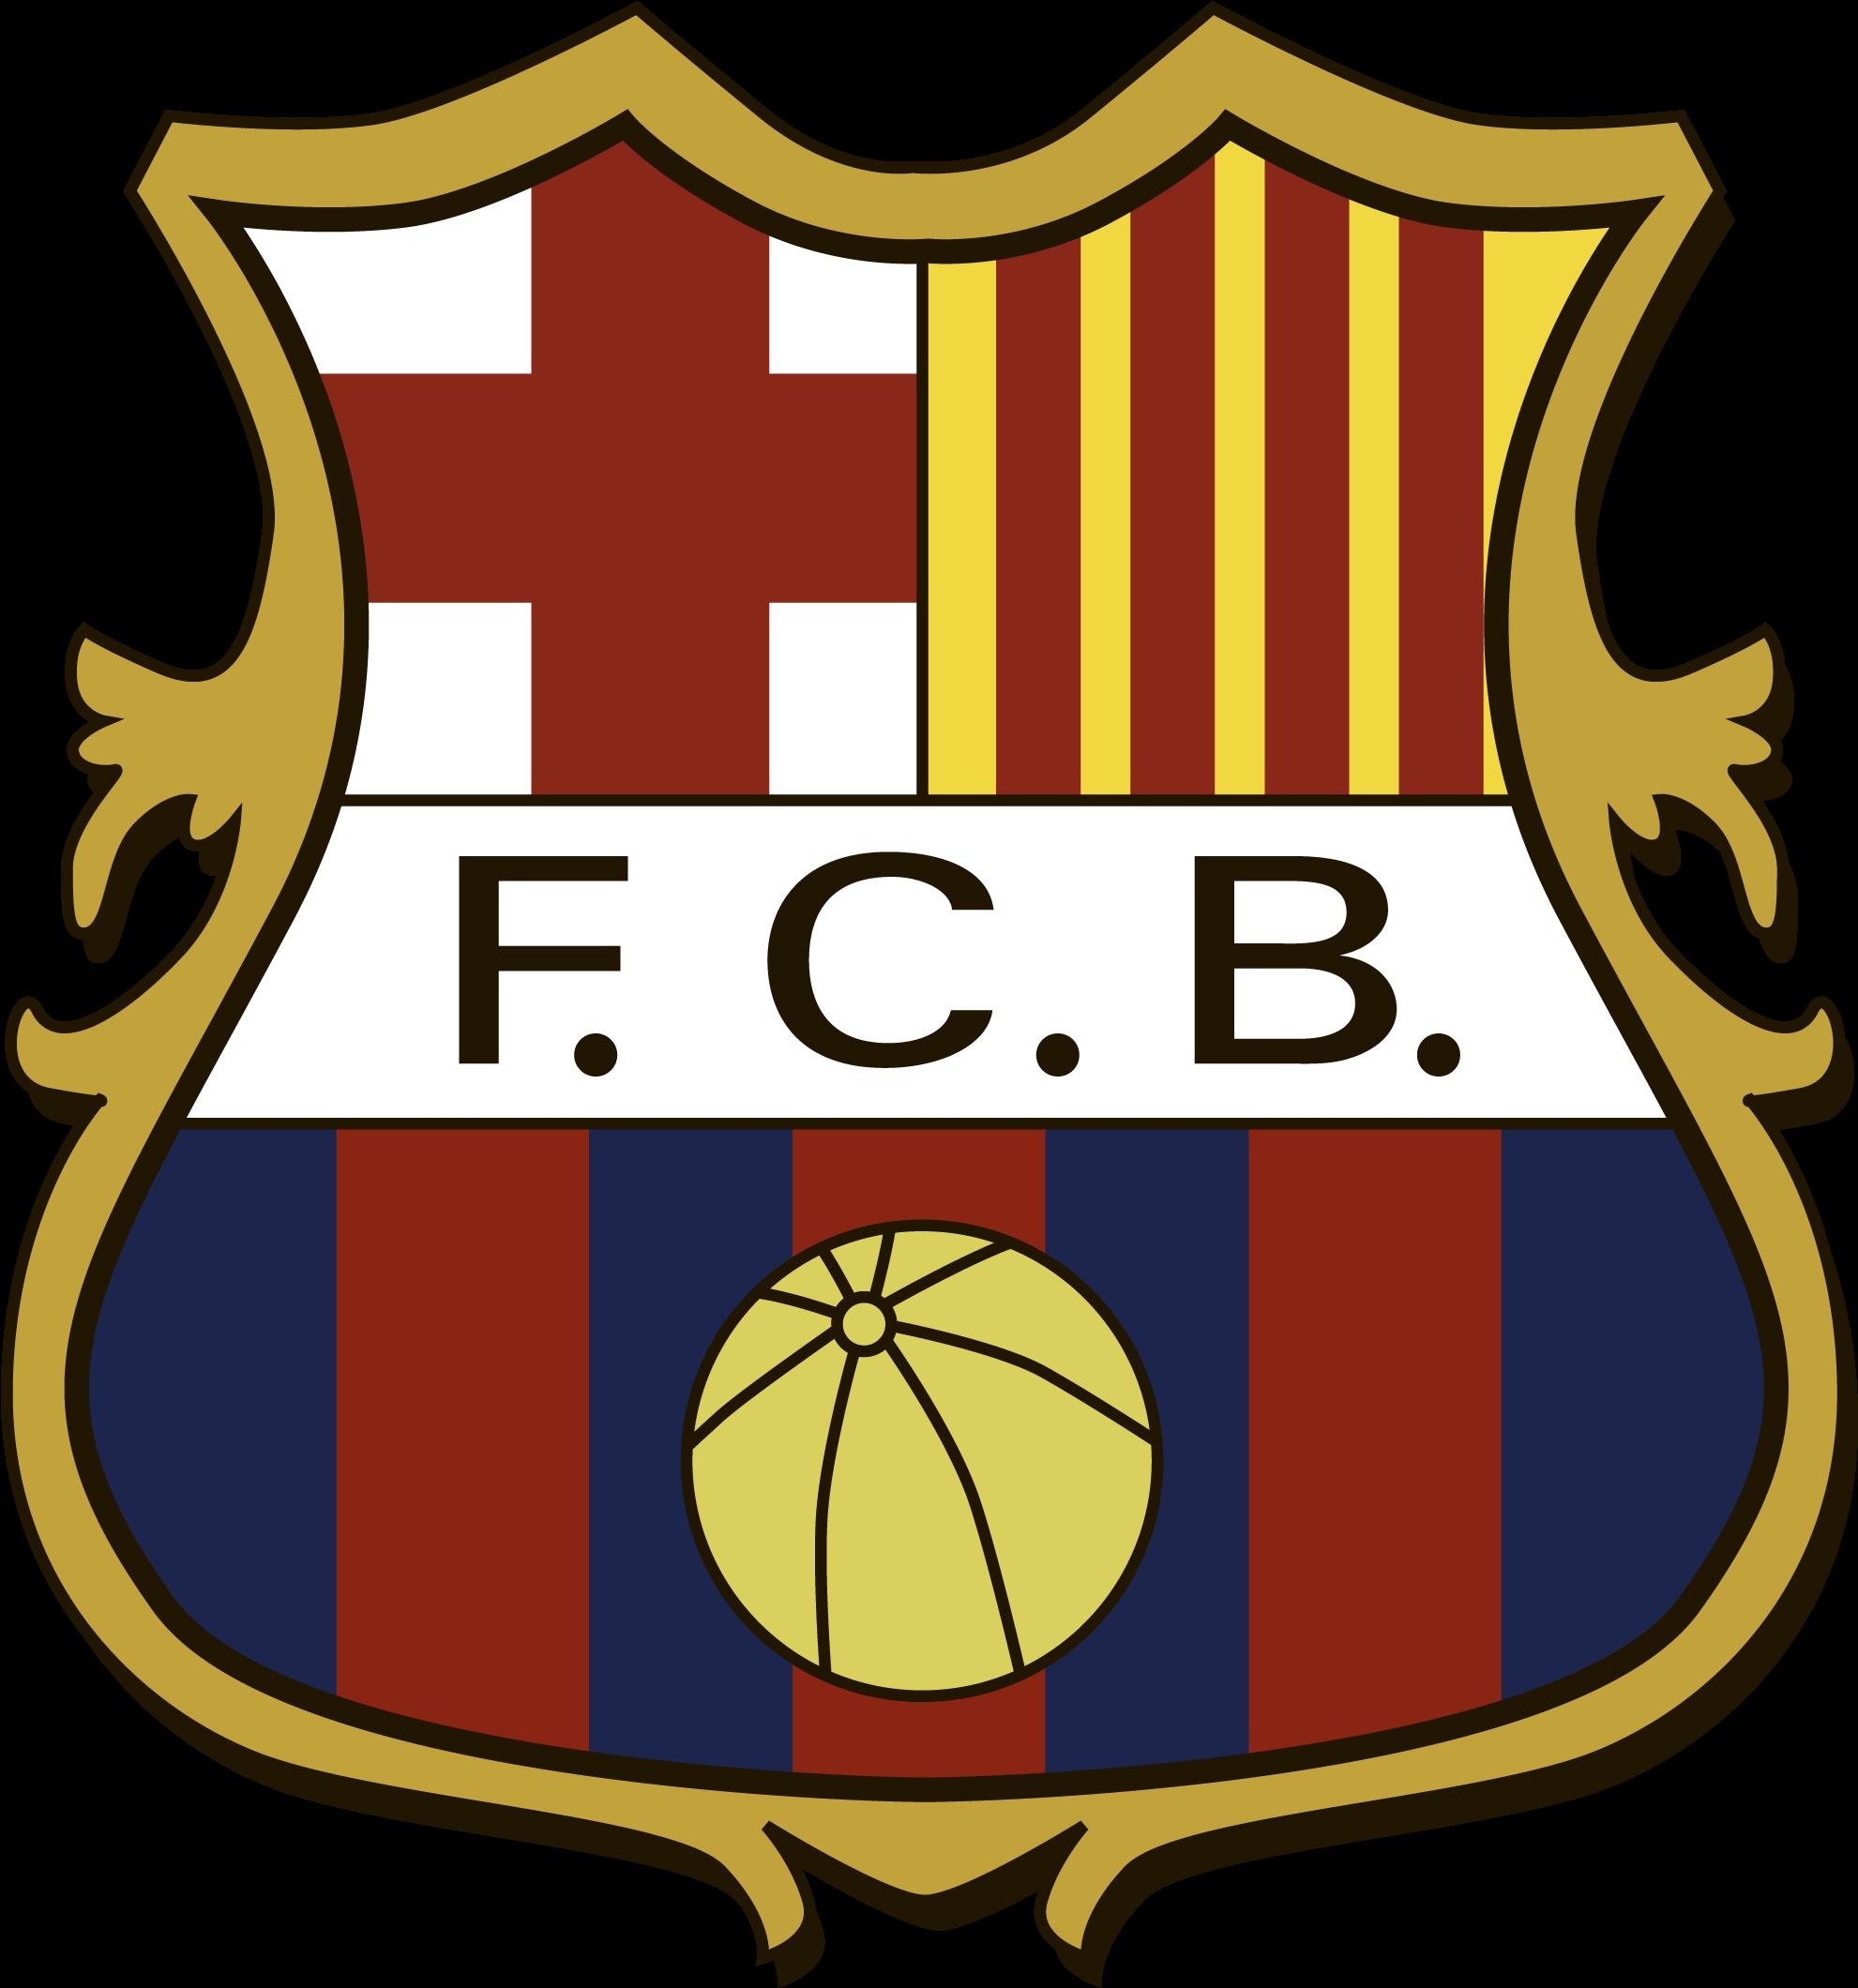 download fc barcelona logo old fc barcelona logo 1920 png image with no background pngkey com old fc barcelona logo 1920 png